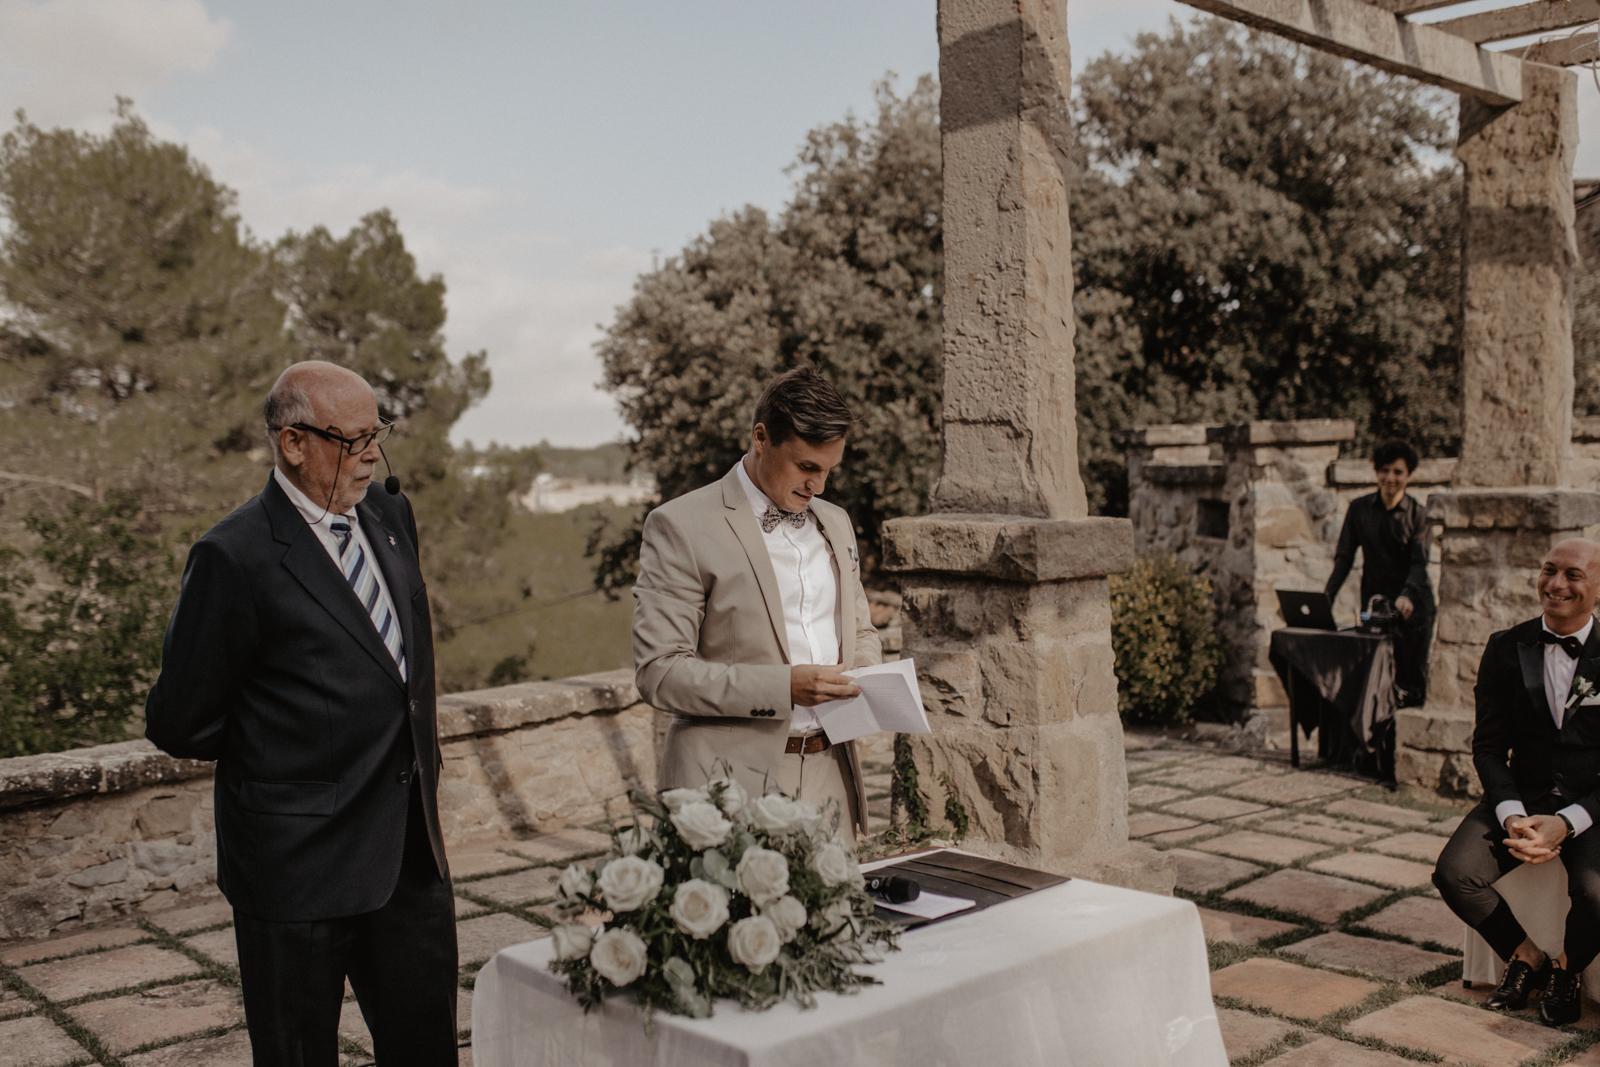 thenortherngirlphotography_photography_thenortherngirl_rebeccascabros_wedding_weddingphotography_weddingphotographer_barcelona_bodaenlabaronia_labaronia_japanesewedding_destinationwedding_shokoalbert-418.jpg